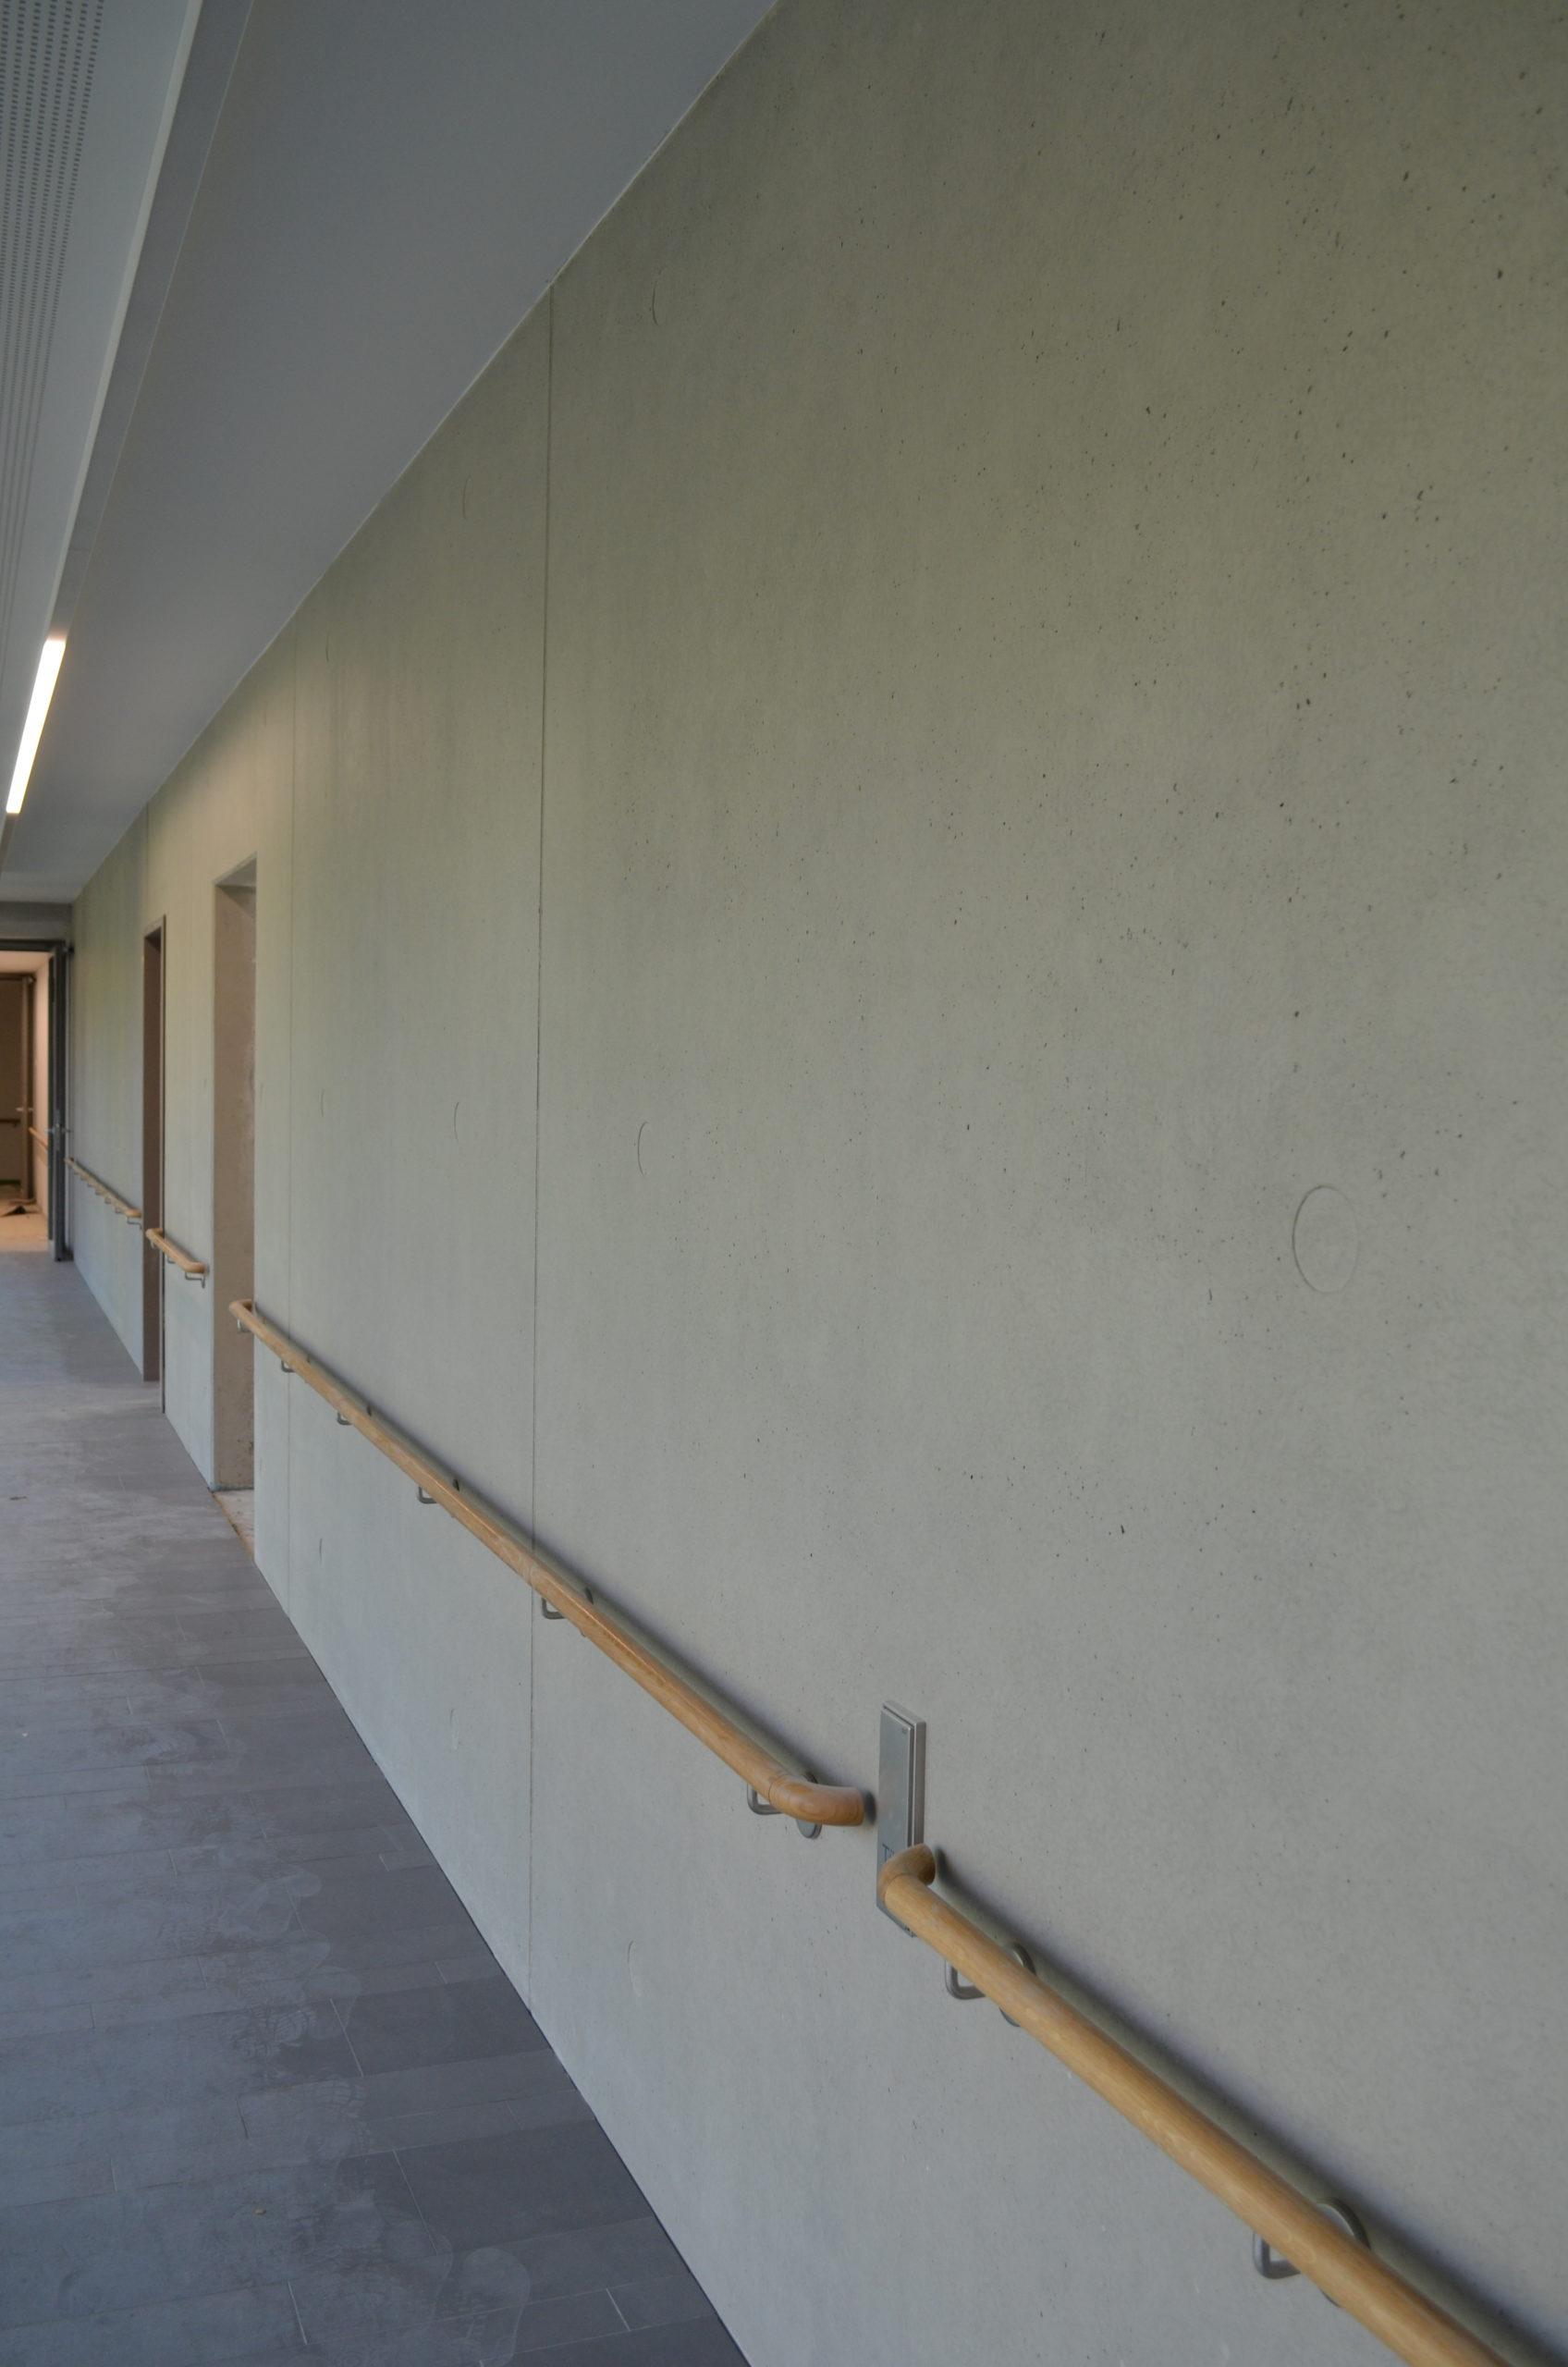 LVR Klinik, Viersen